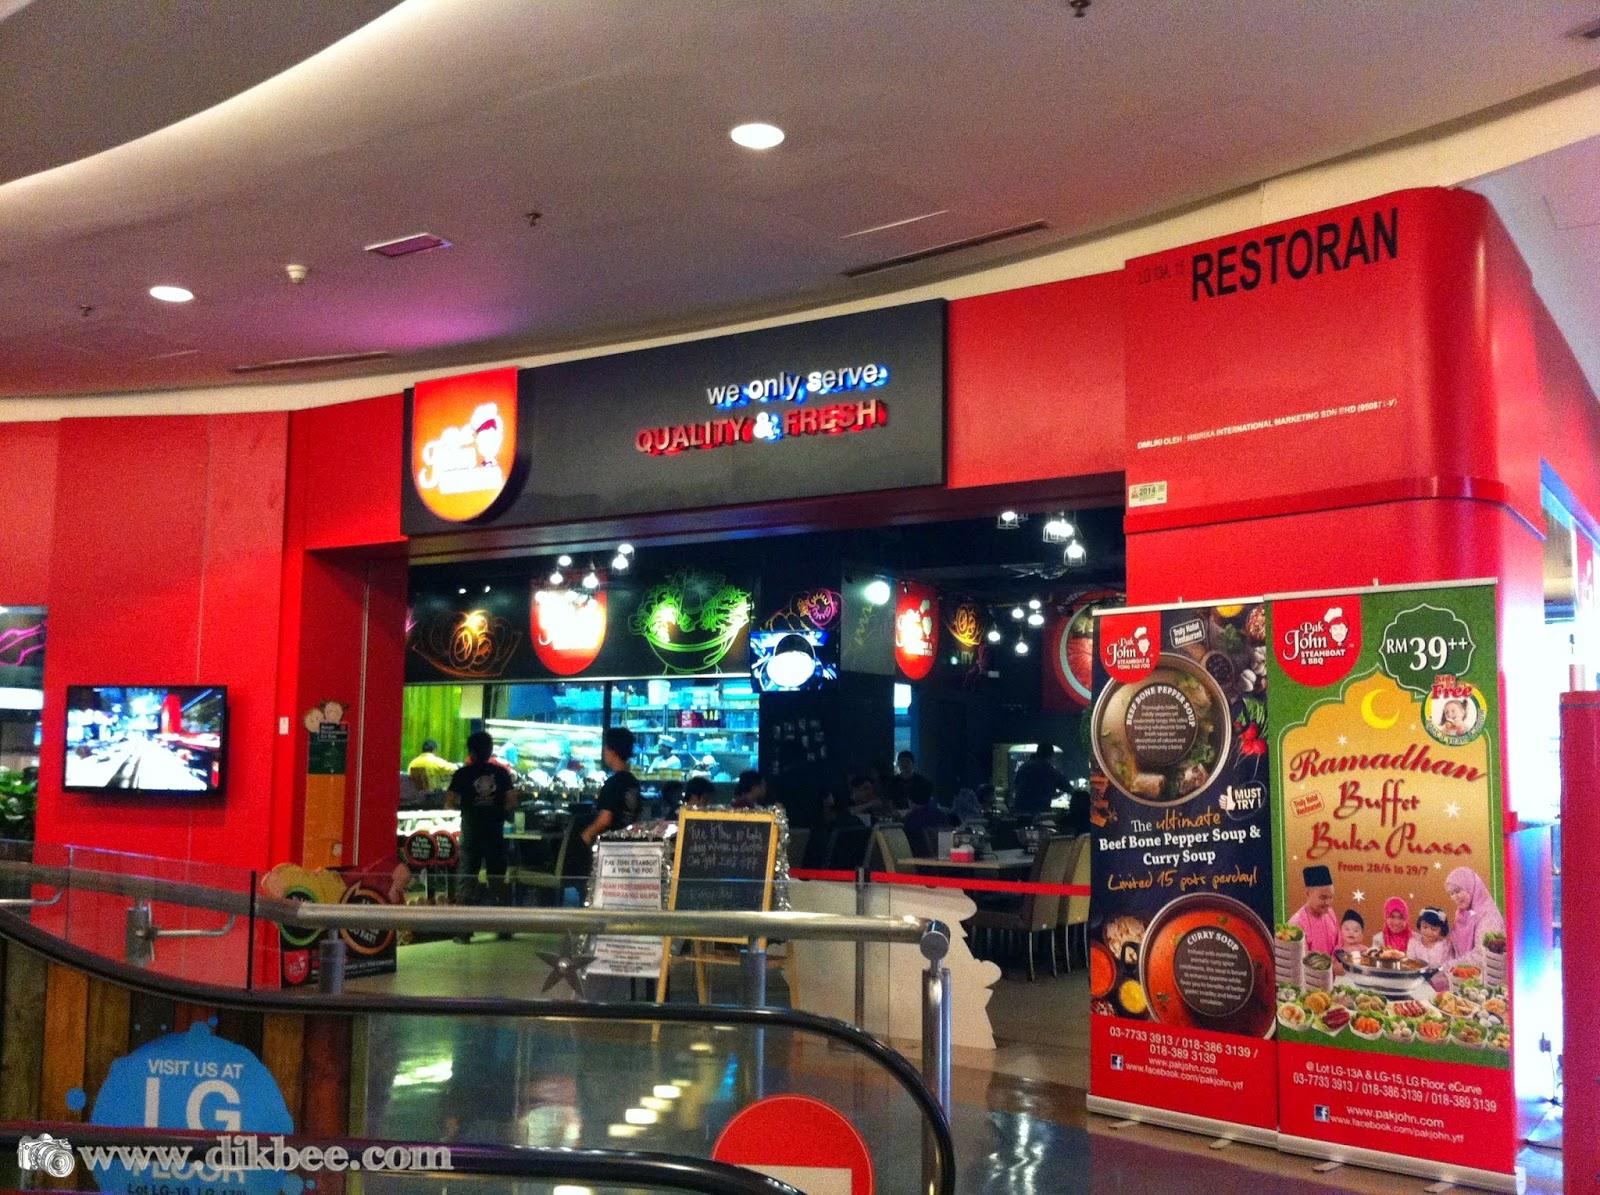 Pak John Steamboat & Yong Tao Foo | Promosi Buffet Ramadhan 2014